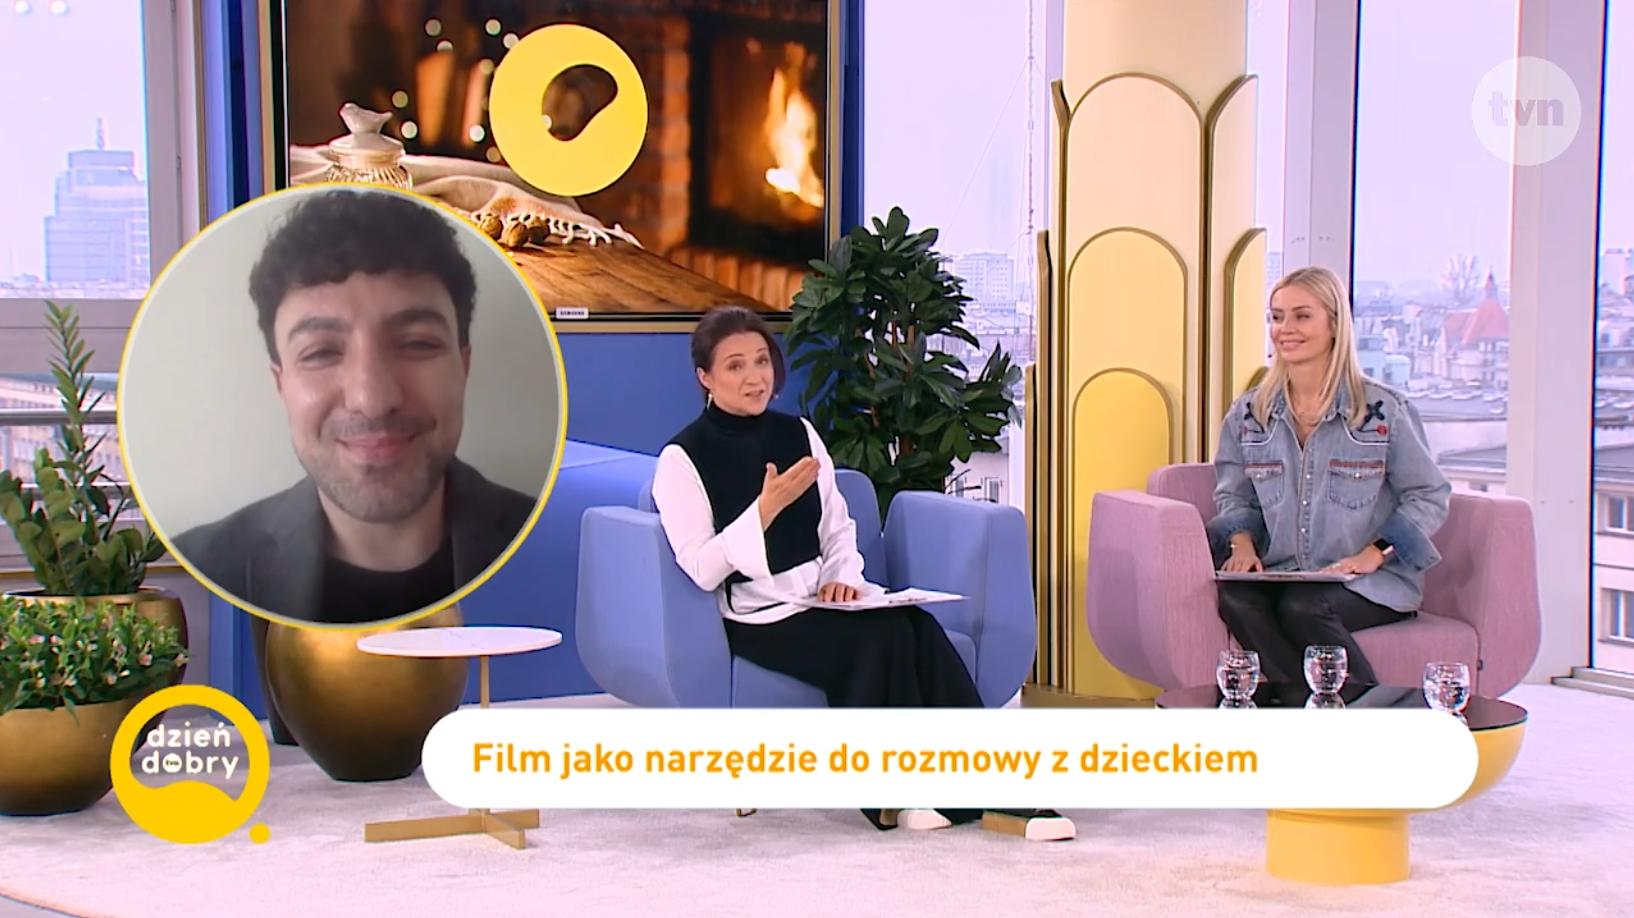 Armen Mekhakyan, Filmoterapia, Kinoterapia, ogłoszenie, nabór do kinoterapii